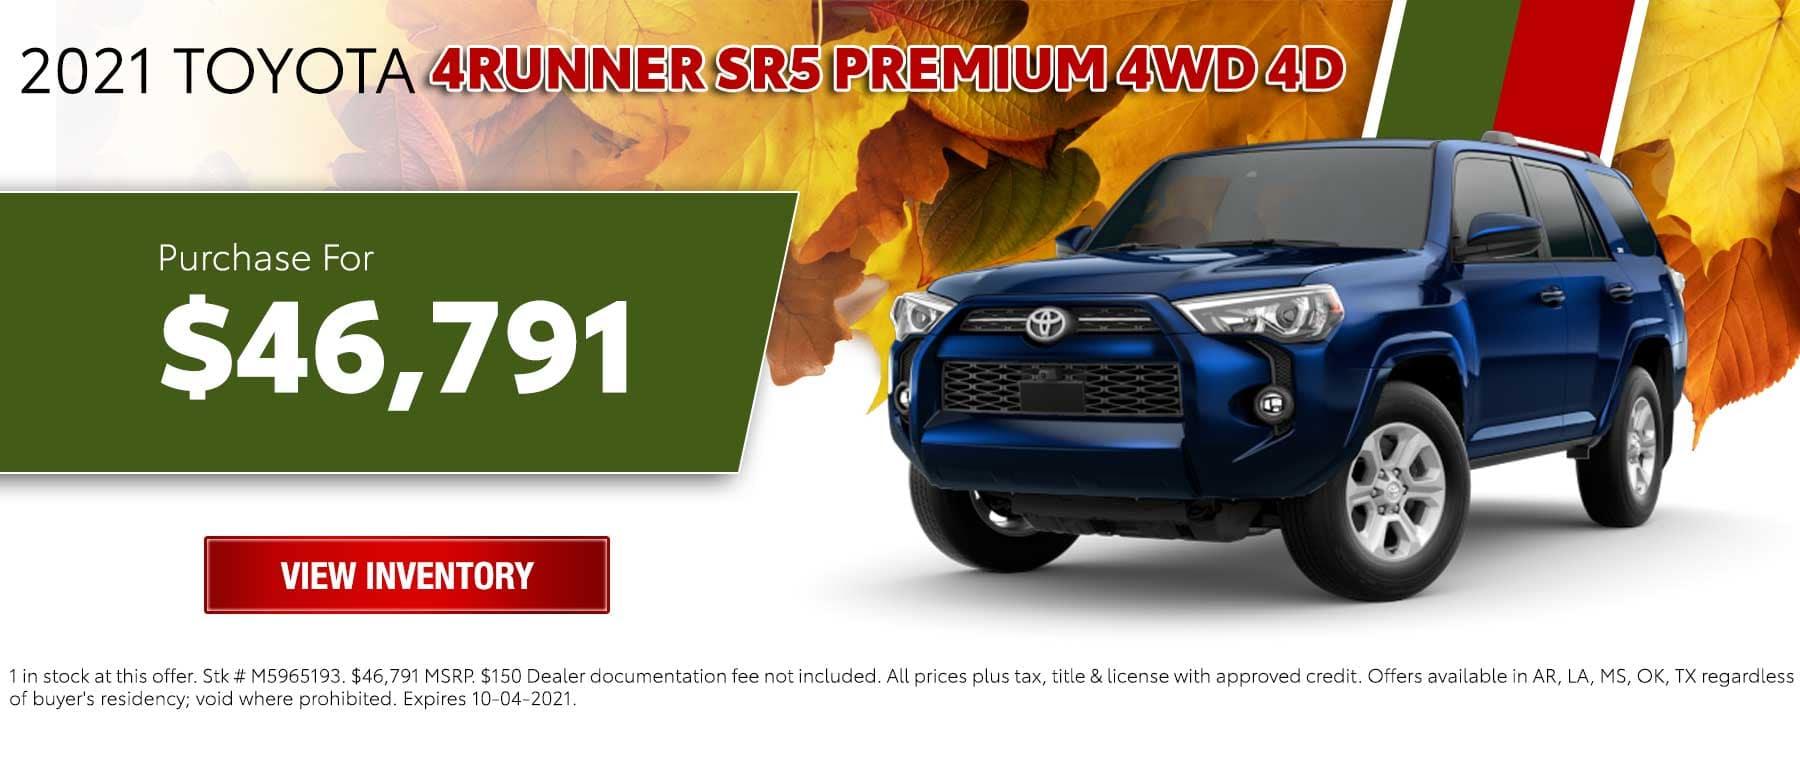 New 2021 Toyota 4Runner SR5 Premium 4WD 4D